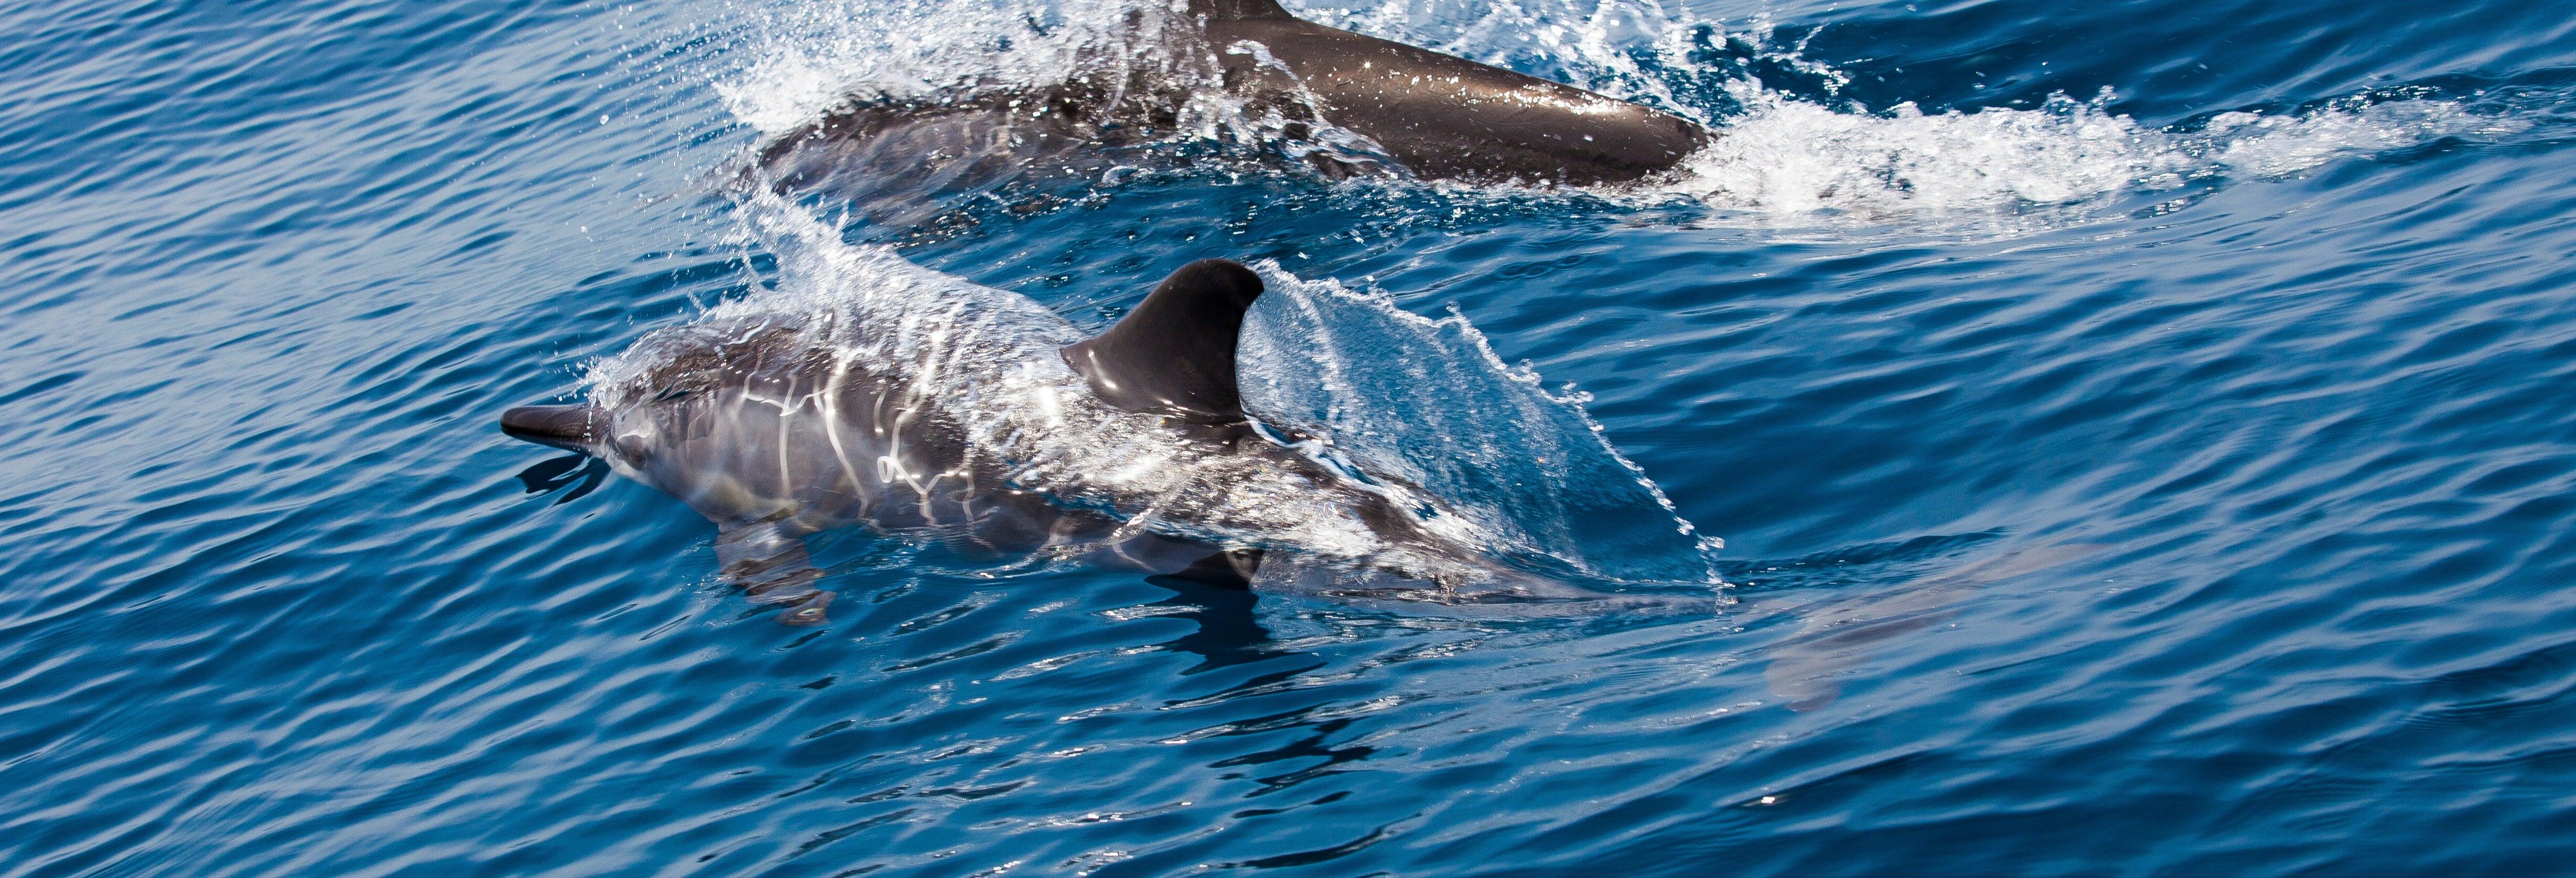 Observation de dauphins à Mascate